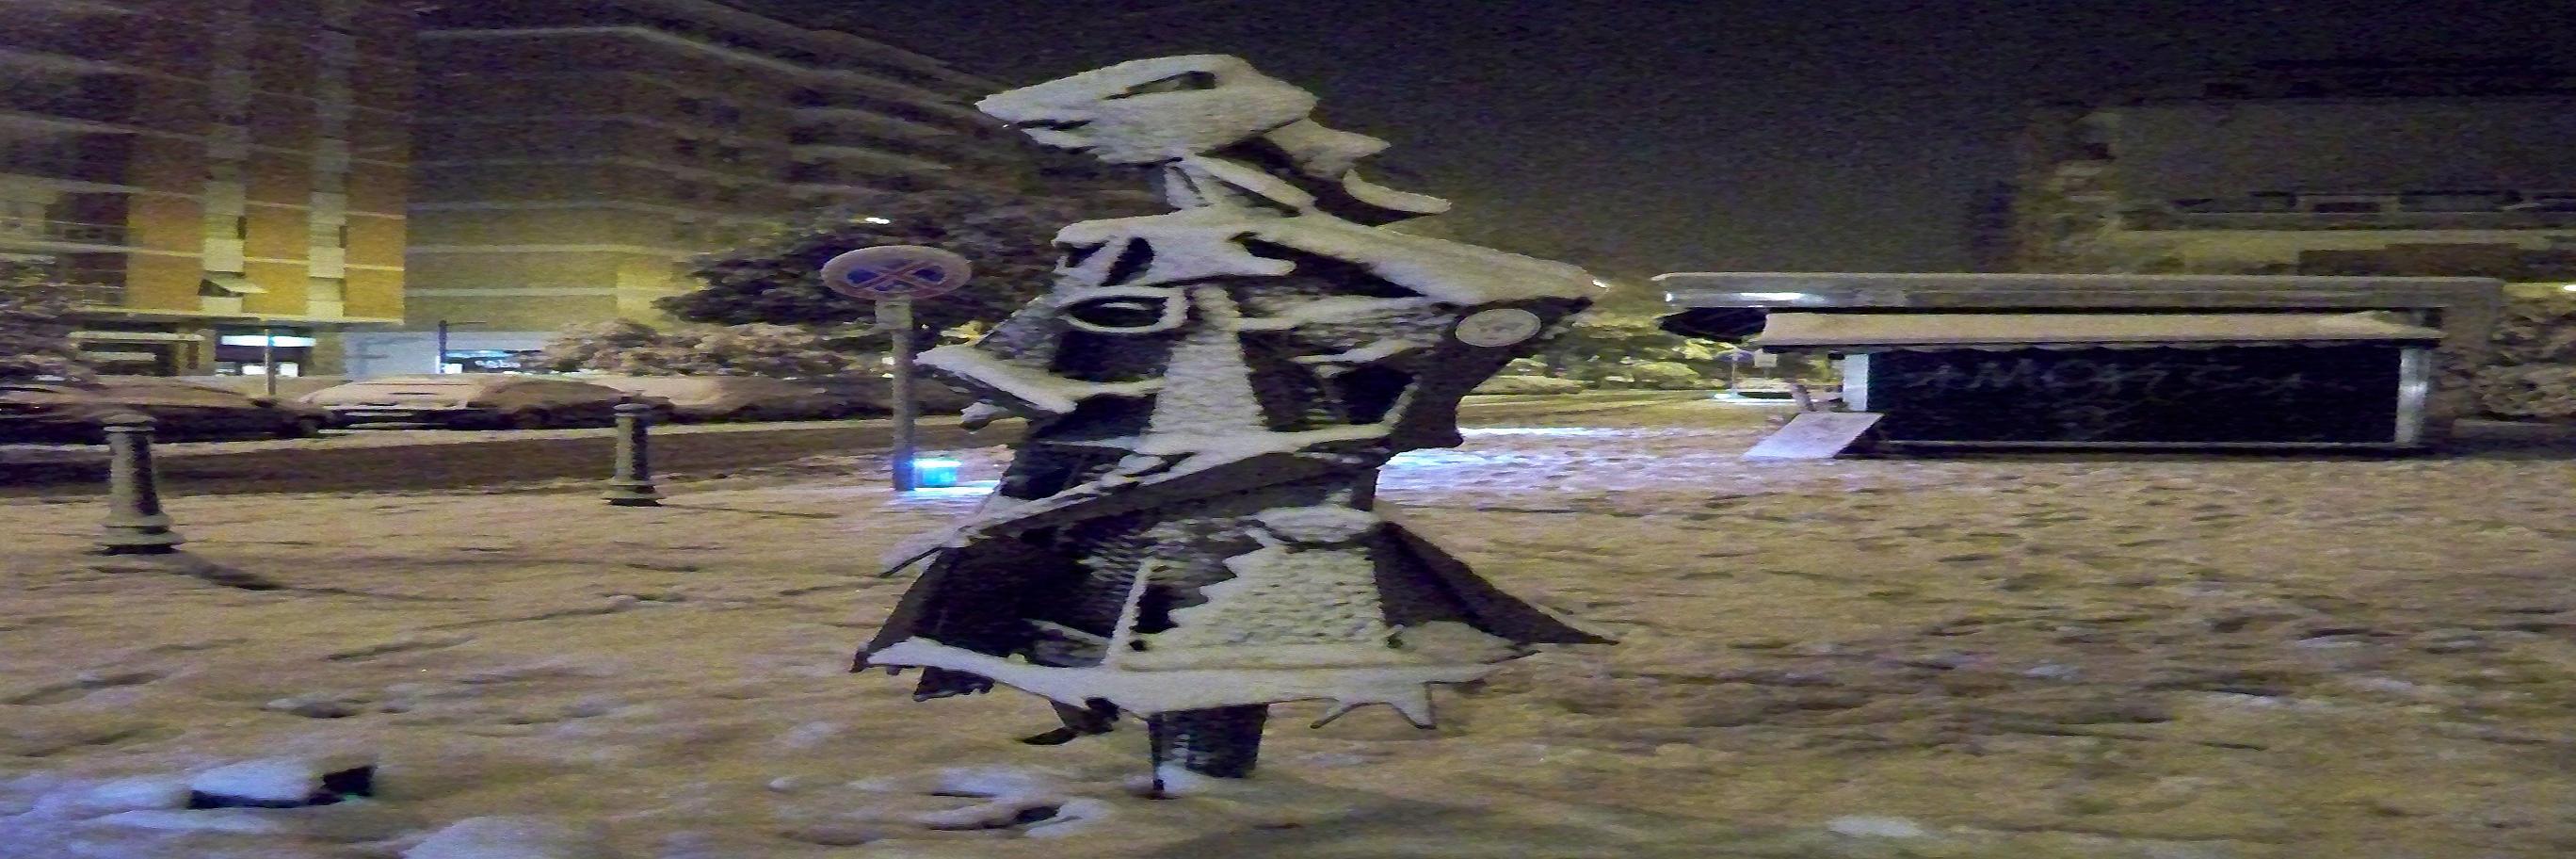 Neve a San Benedetto, 4 febbraio 2012, foto di Carlos 3